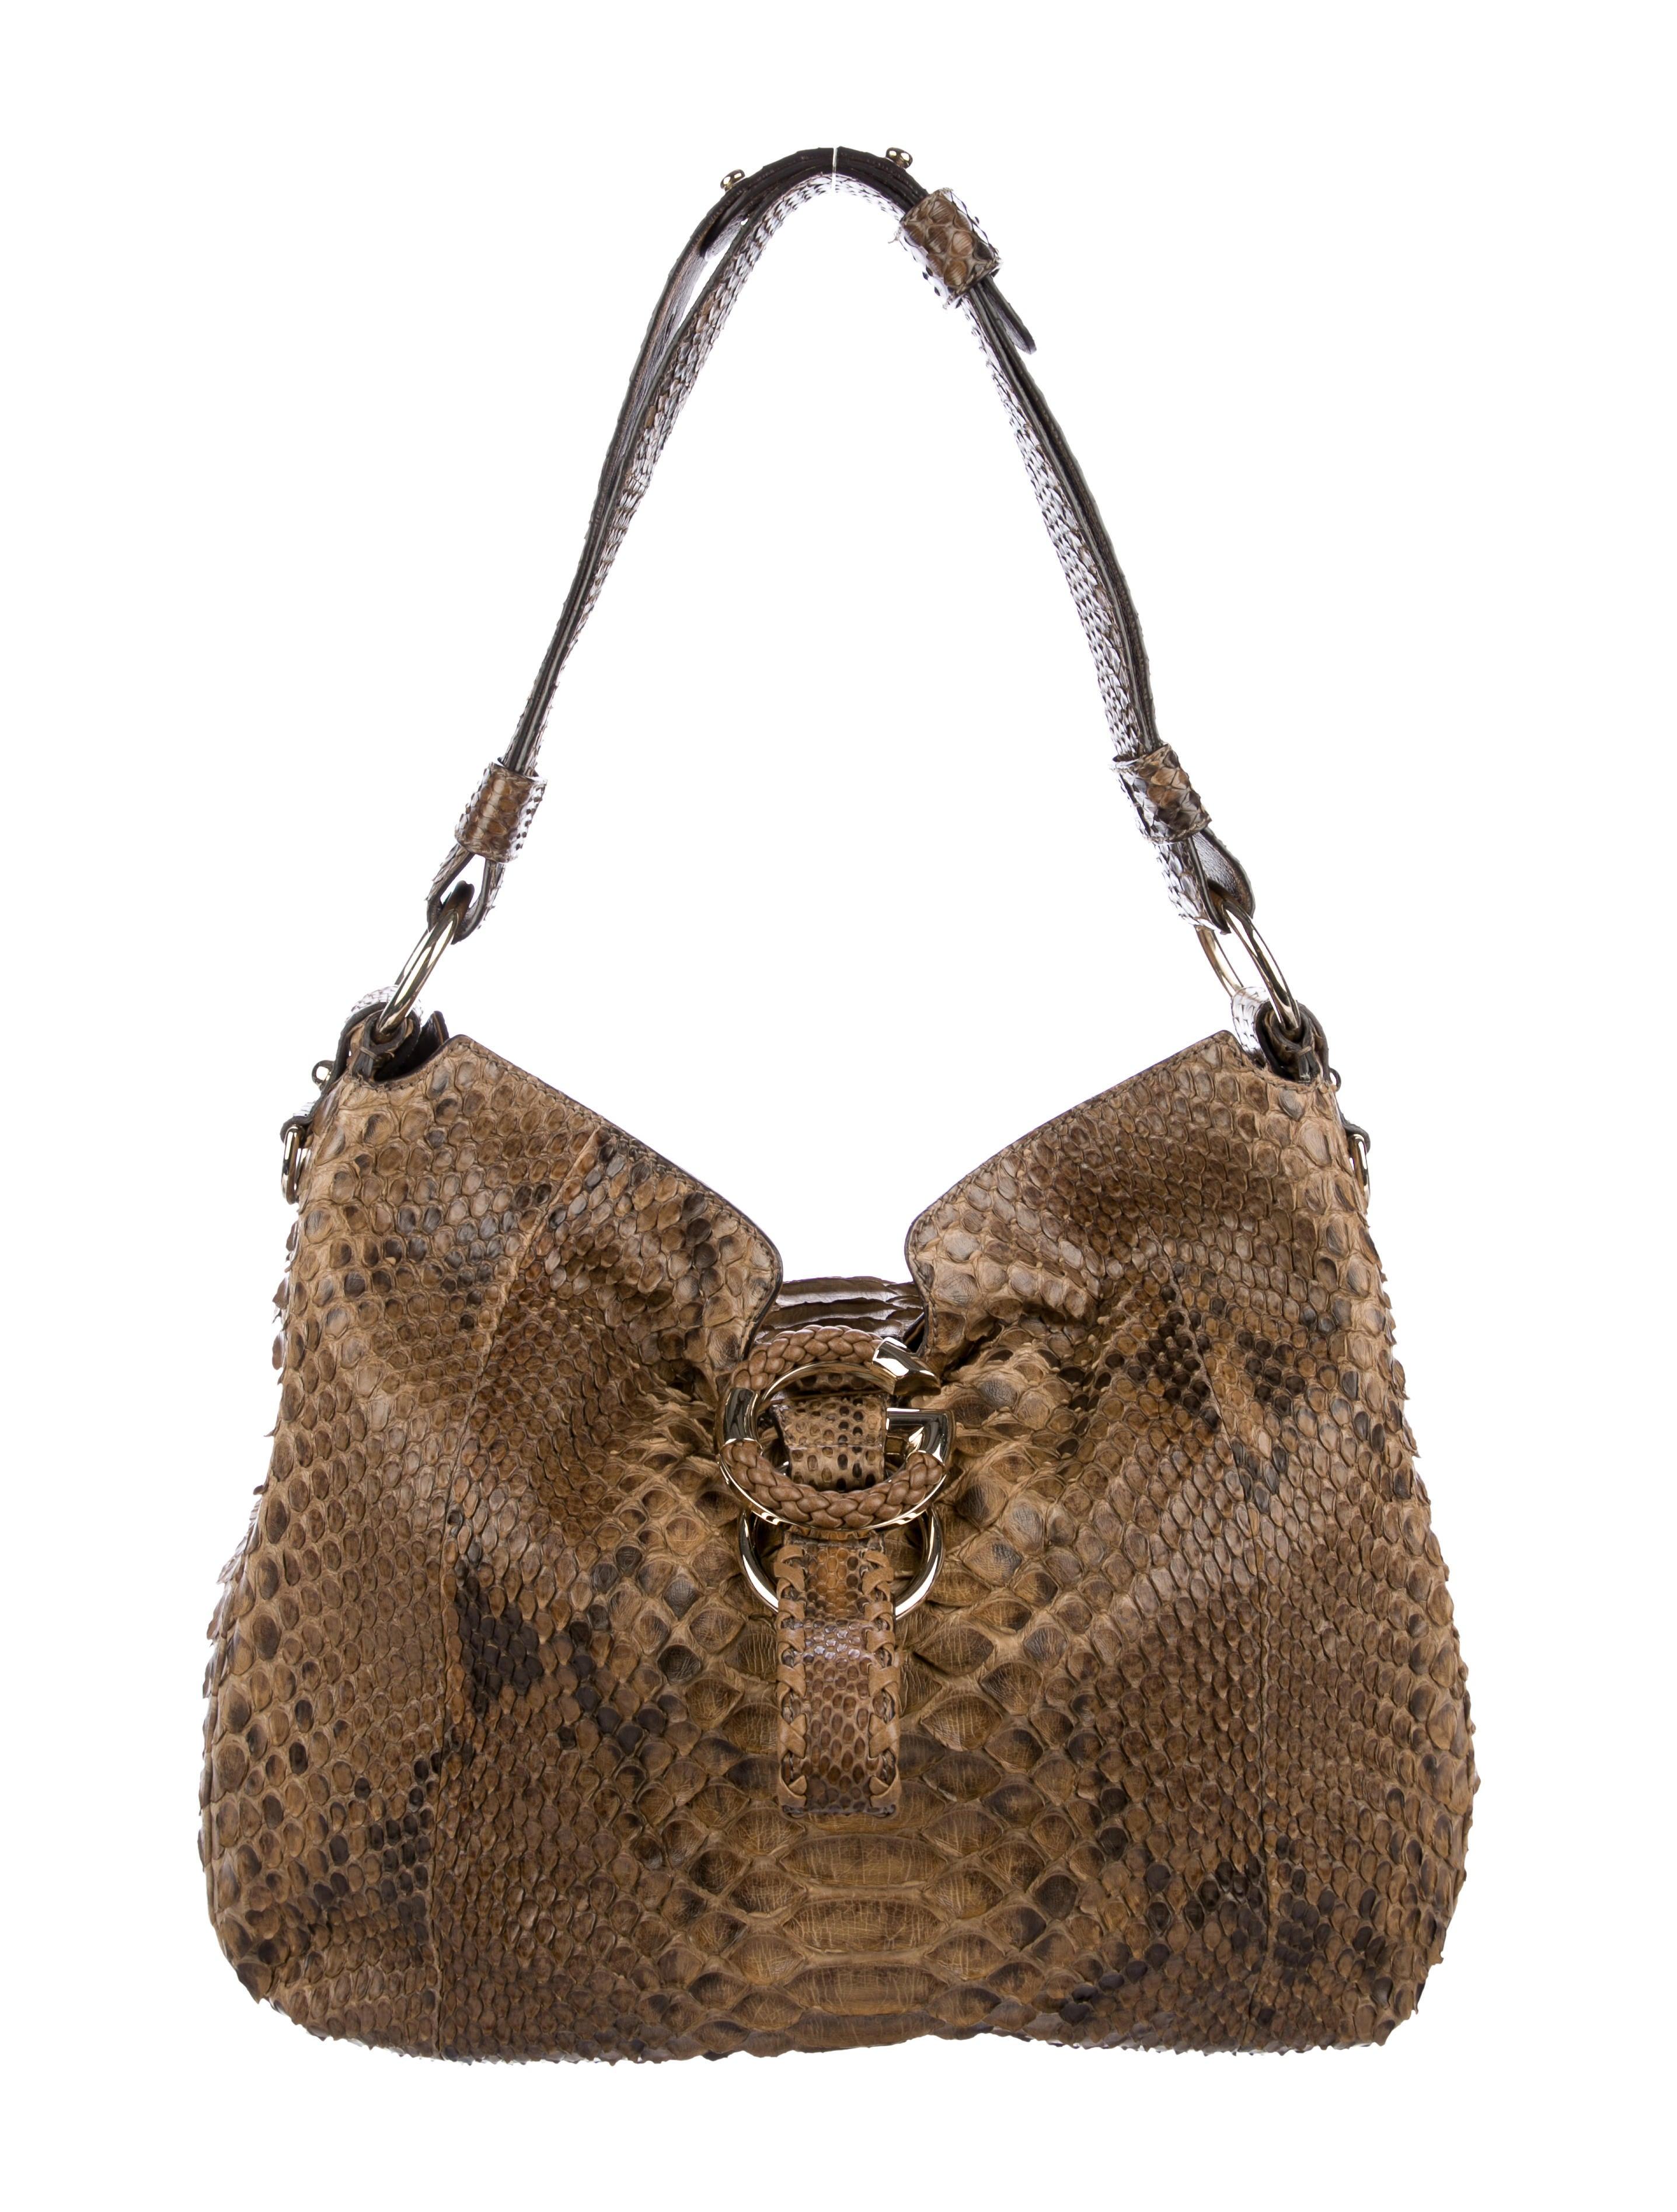 fd1abc77995 Gucci Python G Wave Hobo - Handbags - GUC255046